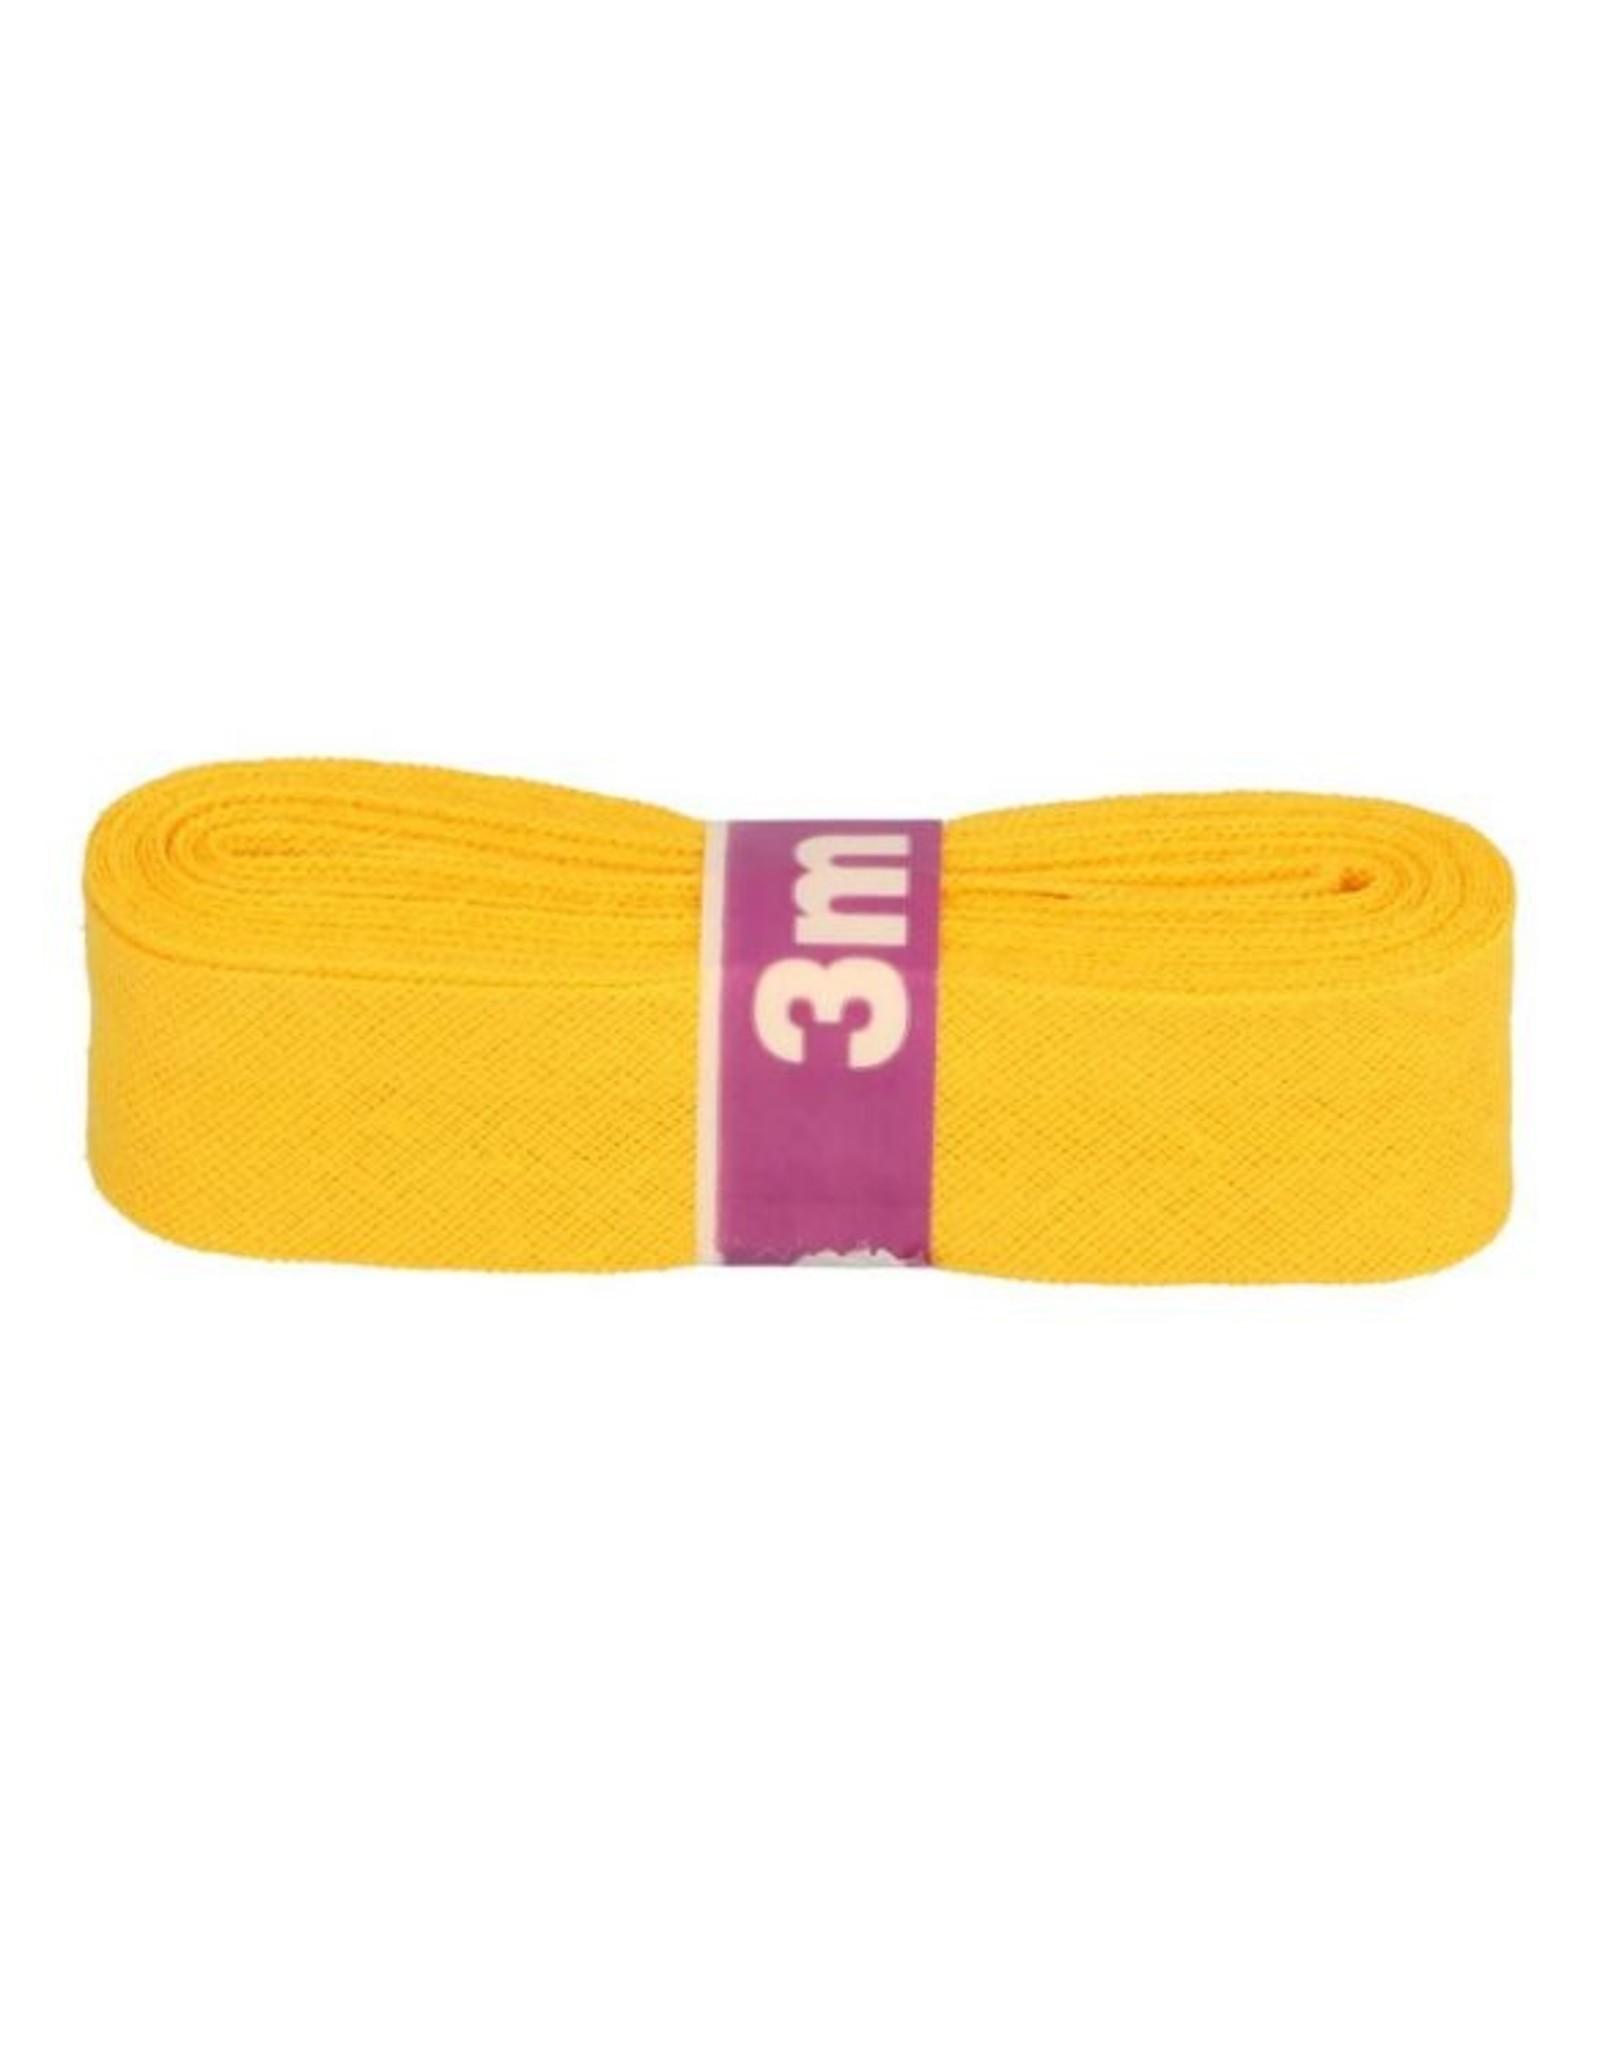 3m Schrägband aus Baumwolle 12mm Gelborange